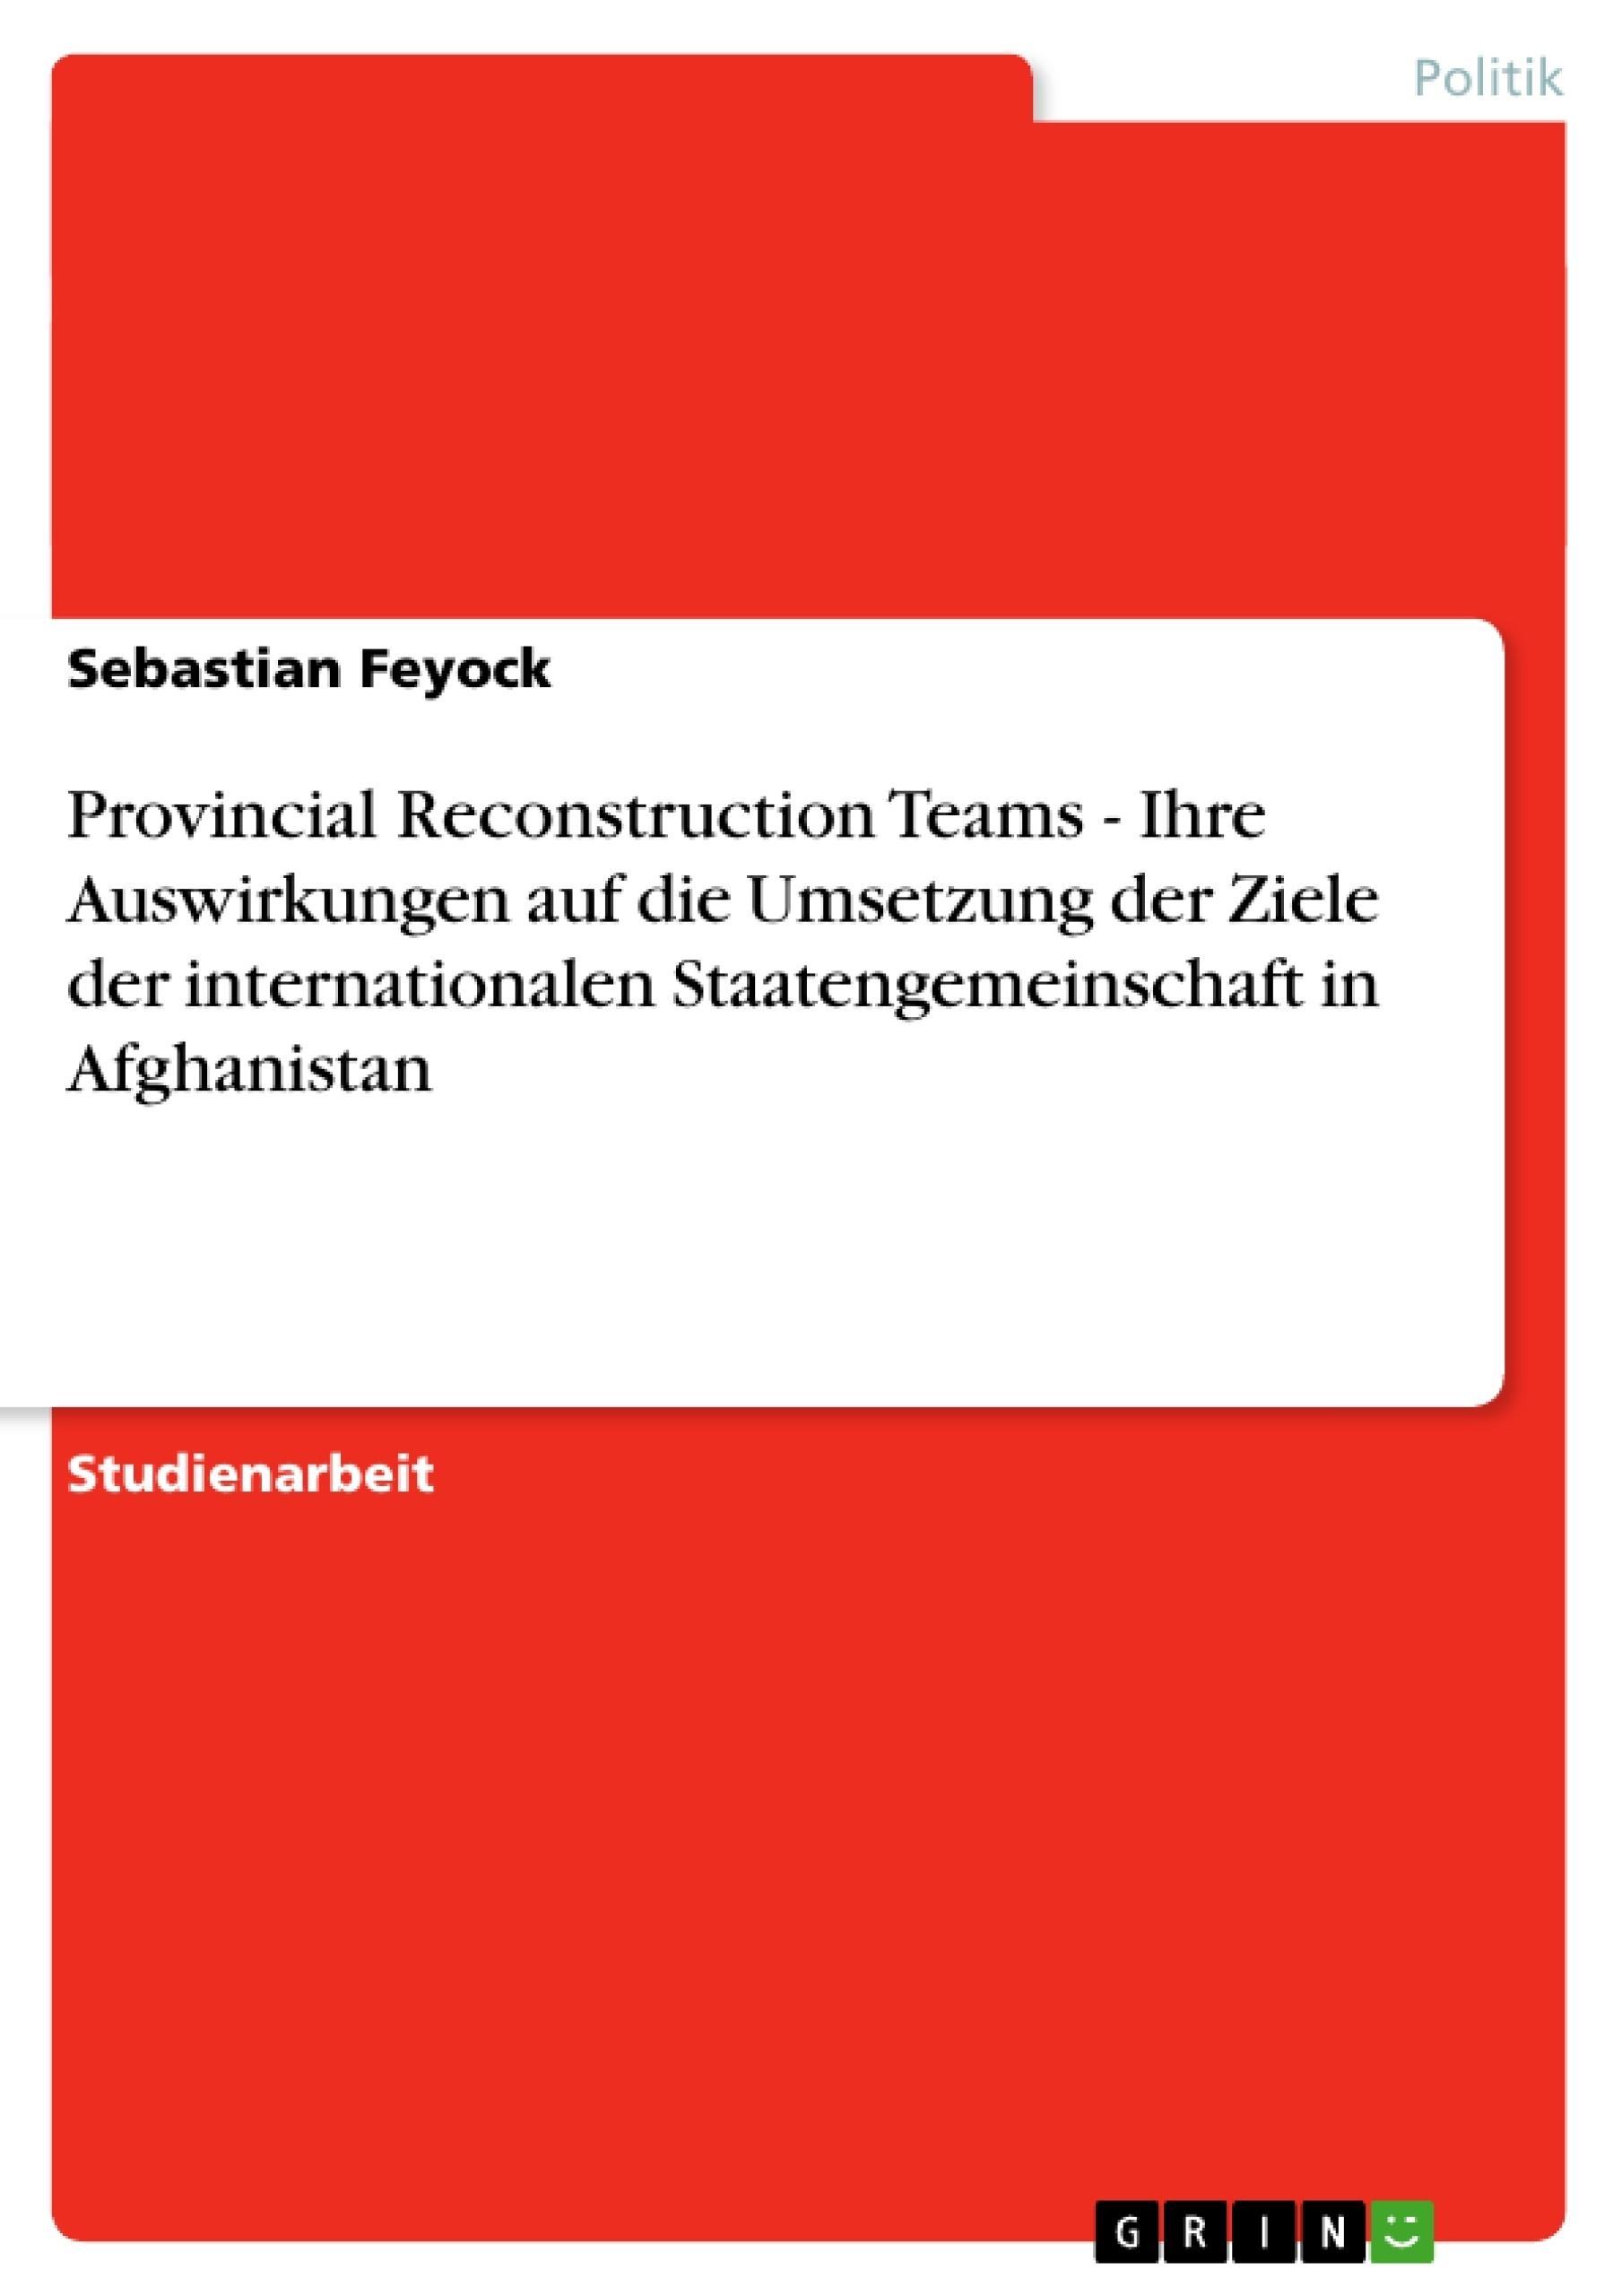 Titel: Provincial Reconstruction Teams - Ihre Auswirkungen auf die Umsetzung der Ziele der internationalen Staatengemeinschaft in Afghanistan